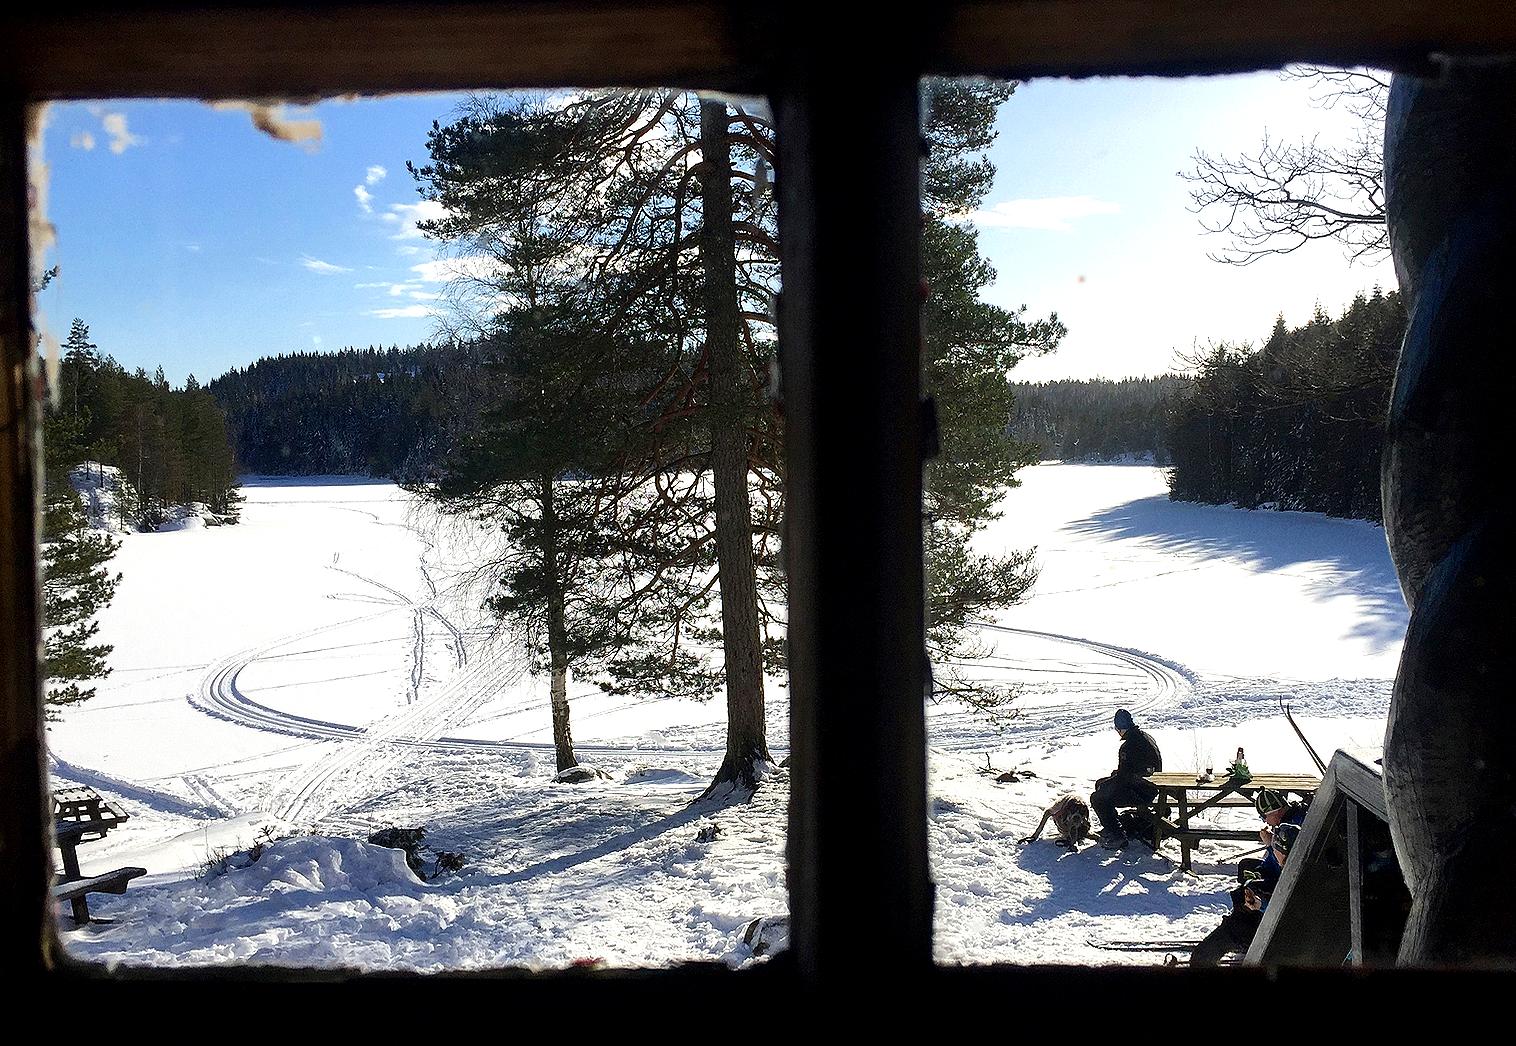 Utsikt over Stikkvann gjennom hyttevinduet.